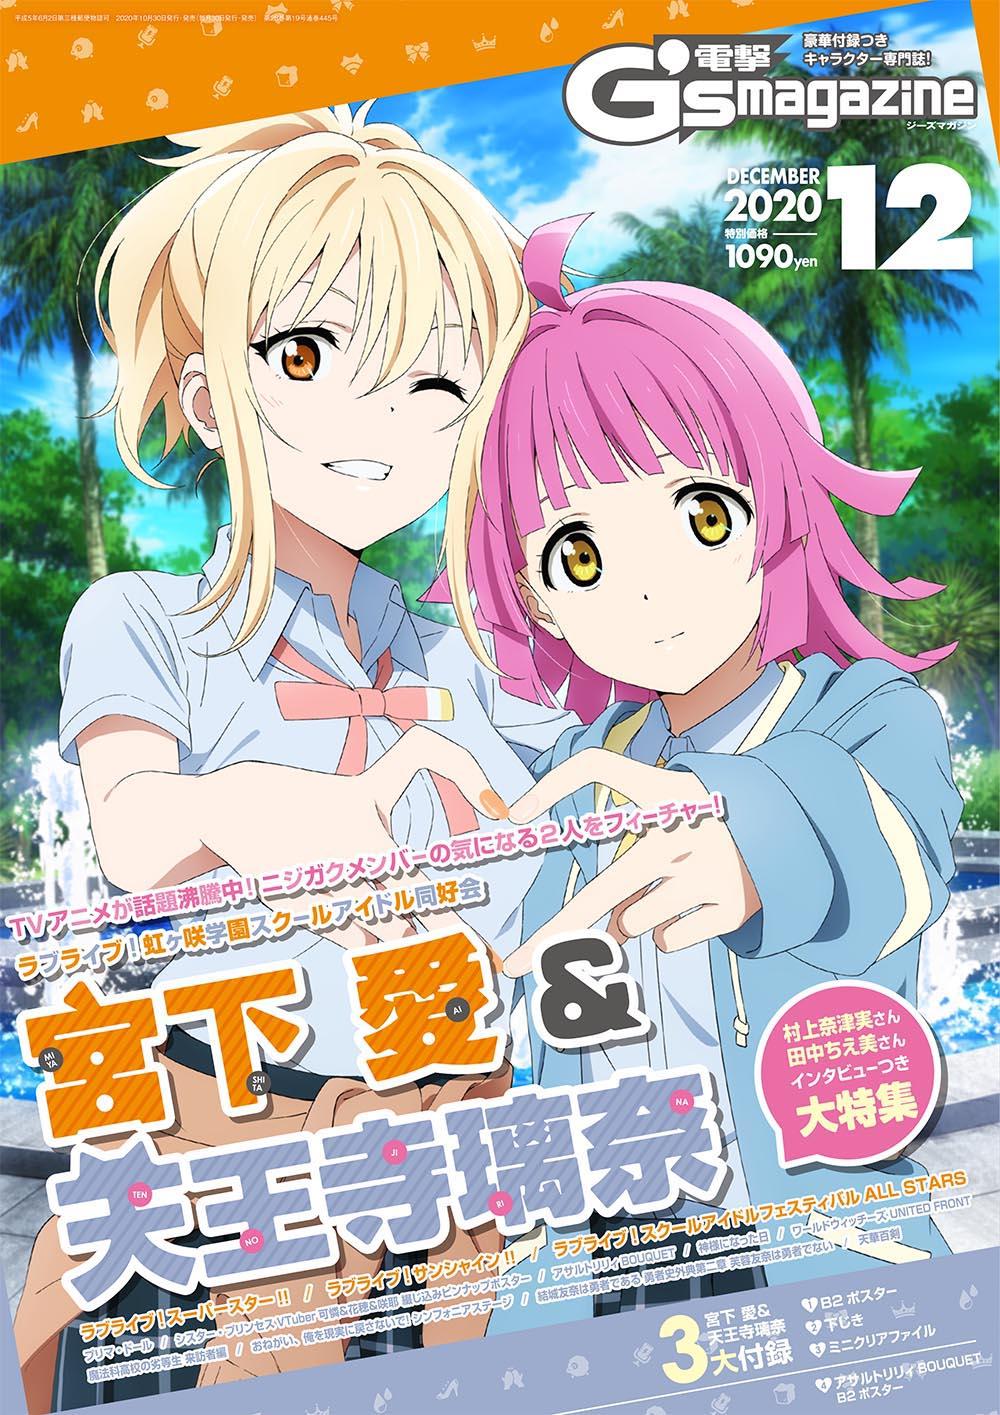 電撃G's magazine 2020年12月号 1,090円